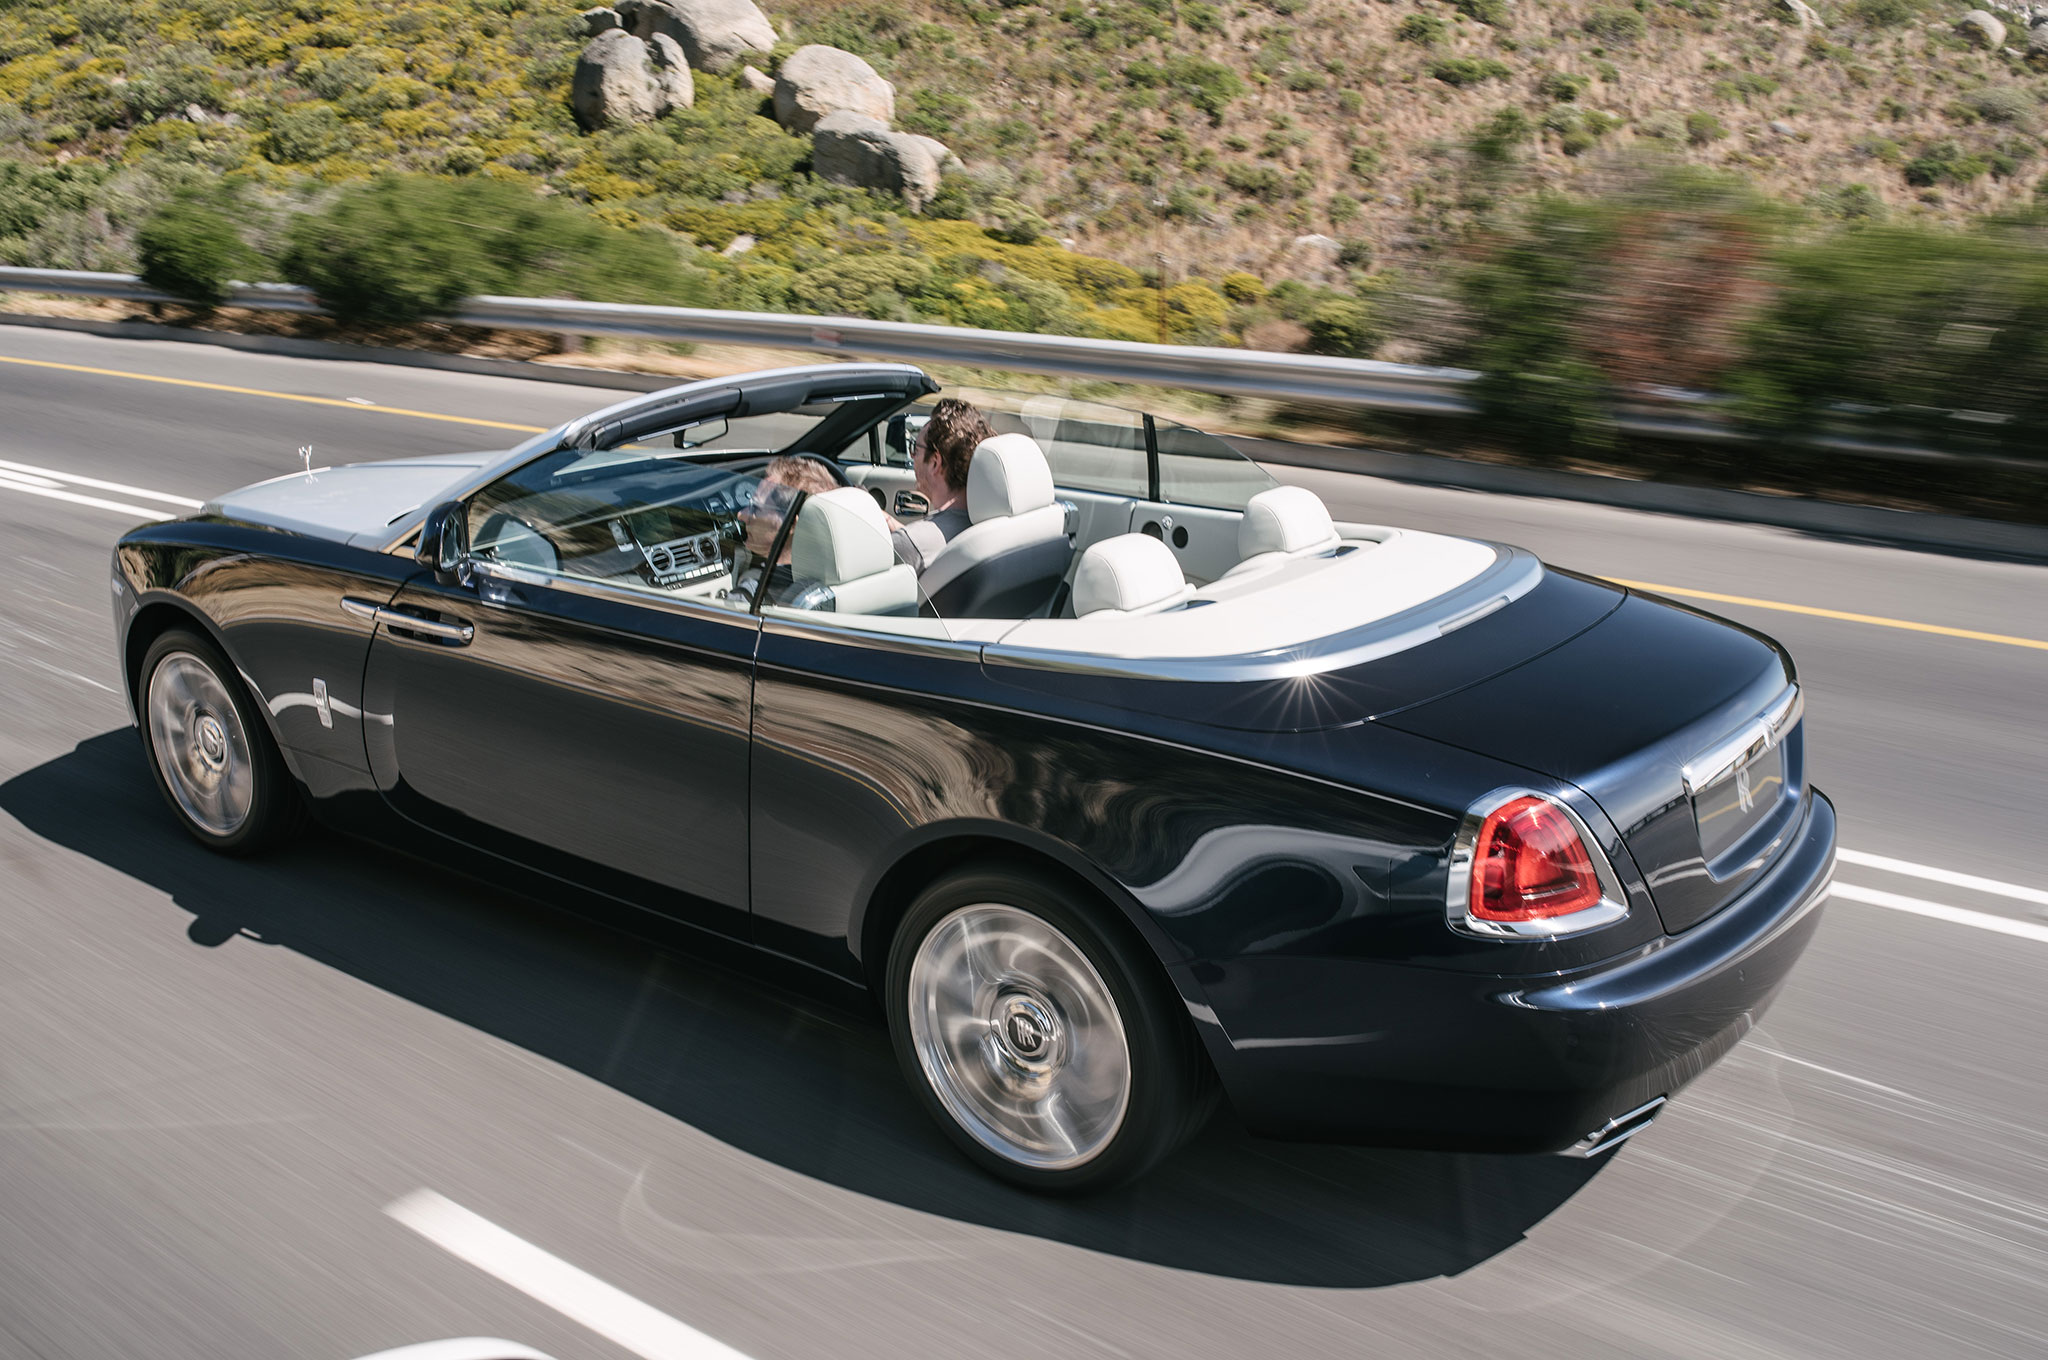 Exotic Car Rental Lexington Ky Instant Luxury Rentals Lexington Ky